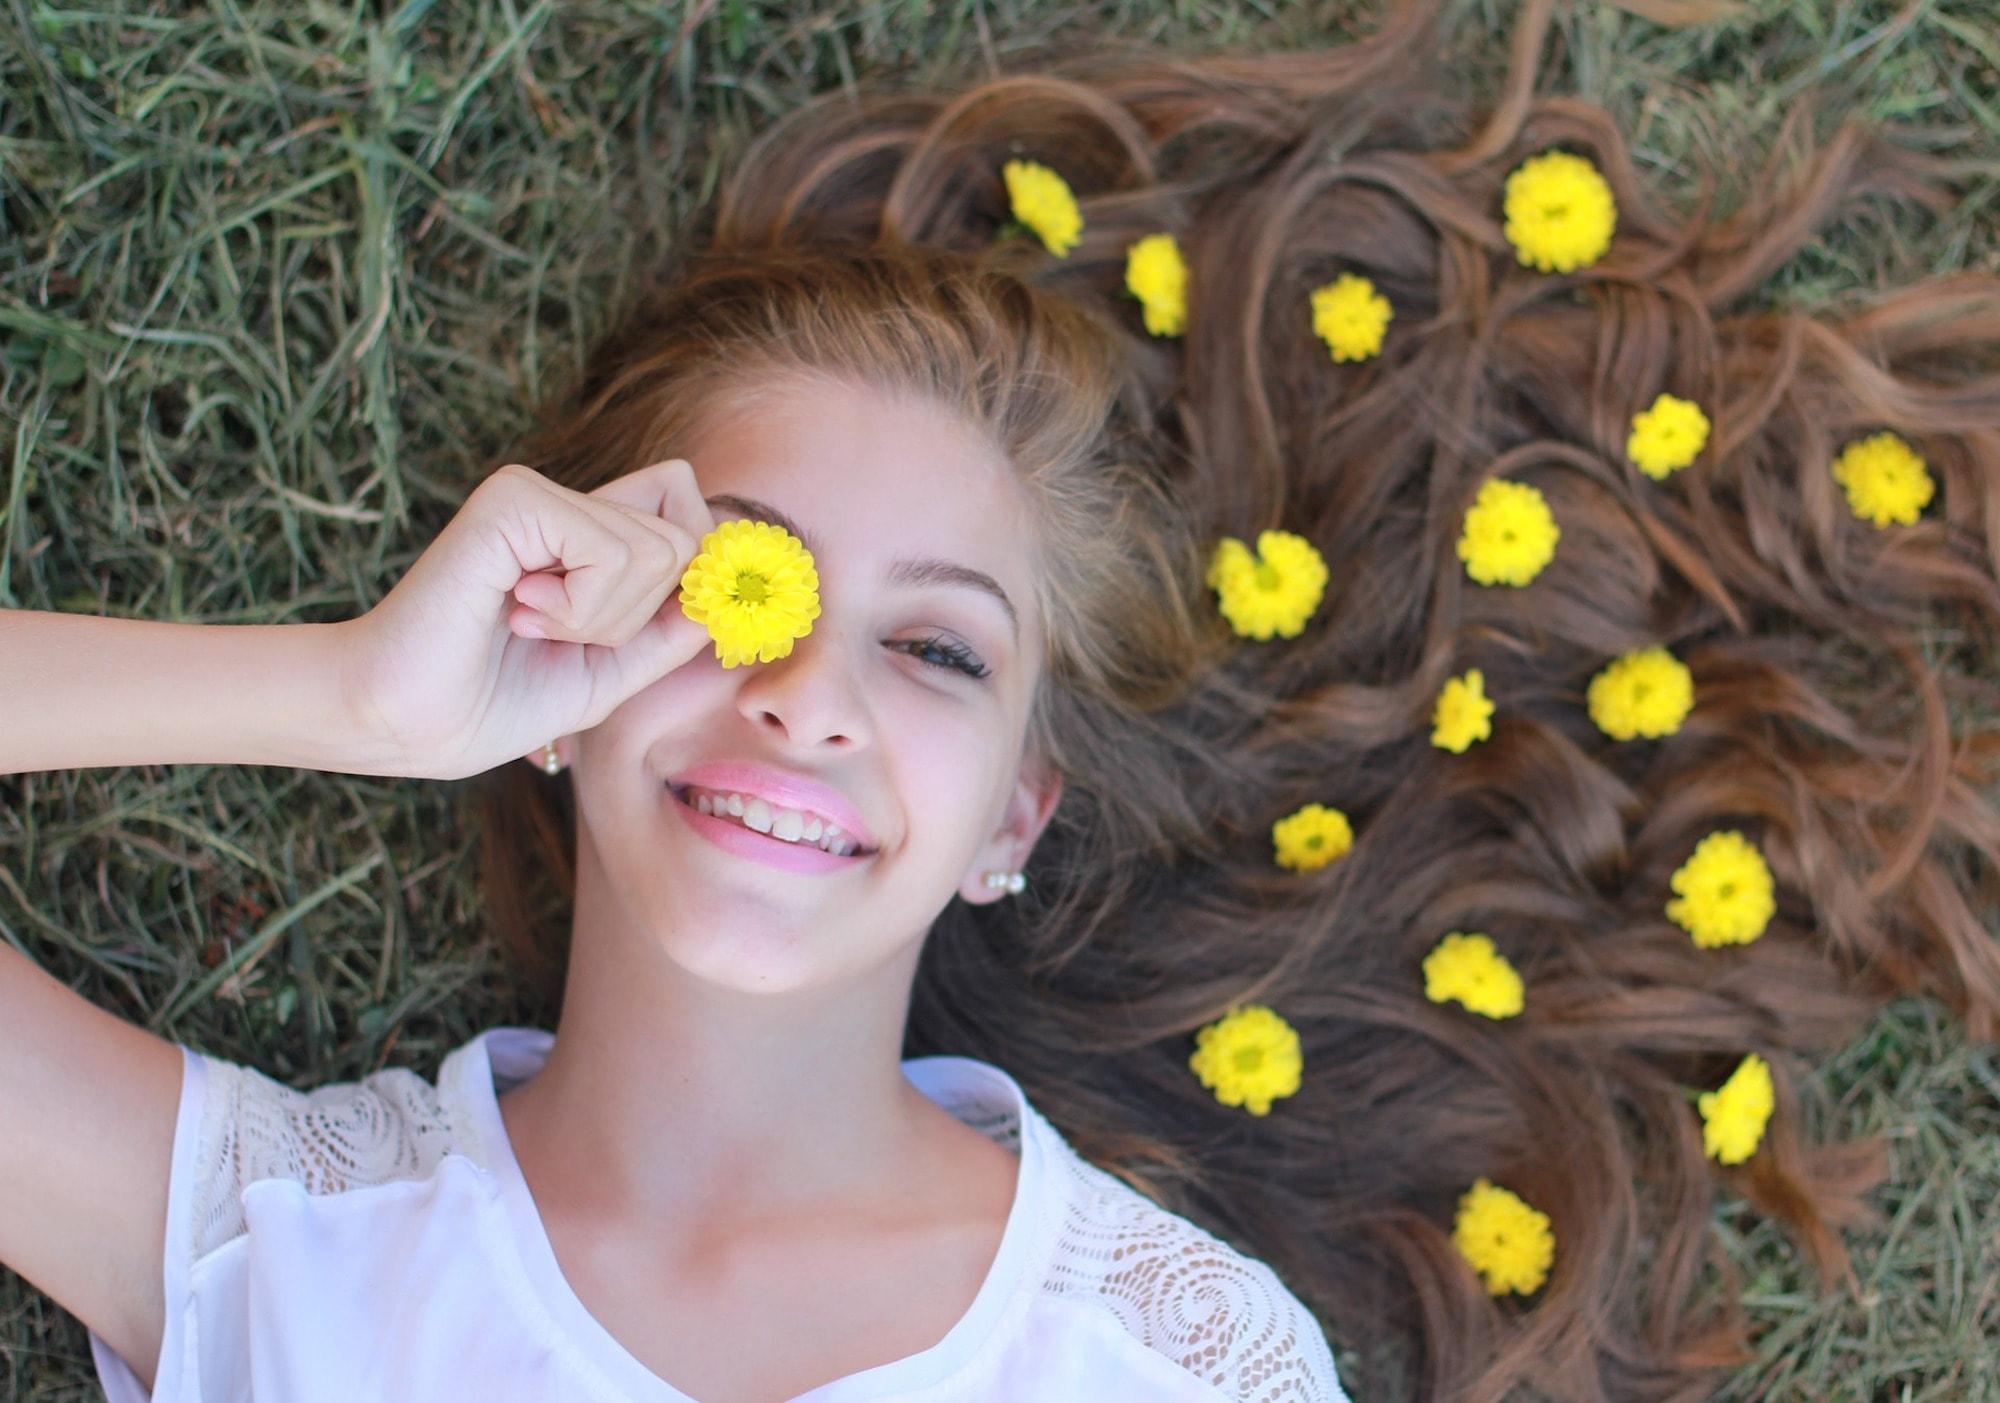 Ciclo mestruale, cosa fare e cosa no con le prime mestruazioni